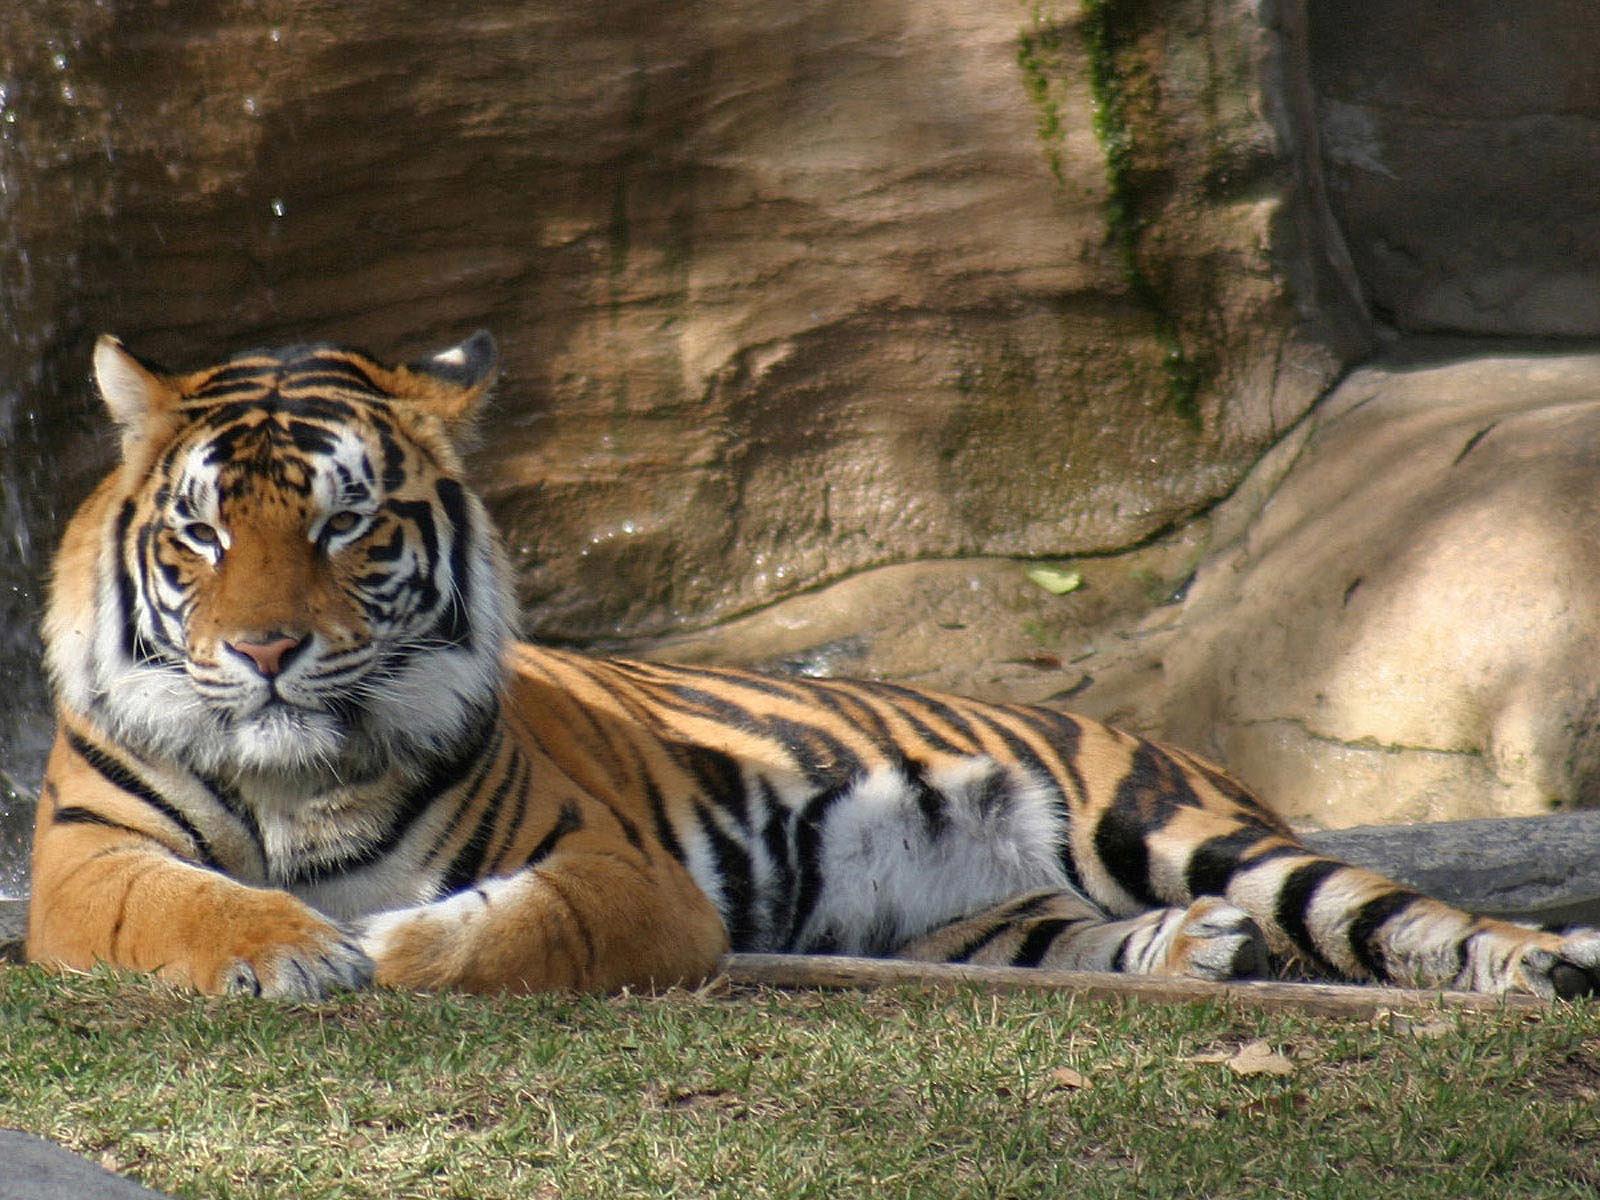 http://1.bp.blogspot.com/-NENsfFqzxdY/TgnWy38qDGI/AAAAAAAAIzc/JzboDSOrjMU/s1600/The-best-top-desktop-tiger-wallpapers-hd-tiger-wallpaper-14.jpg